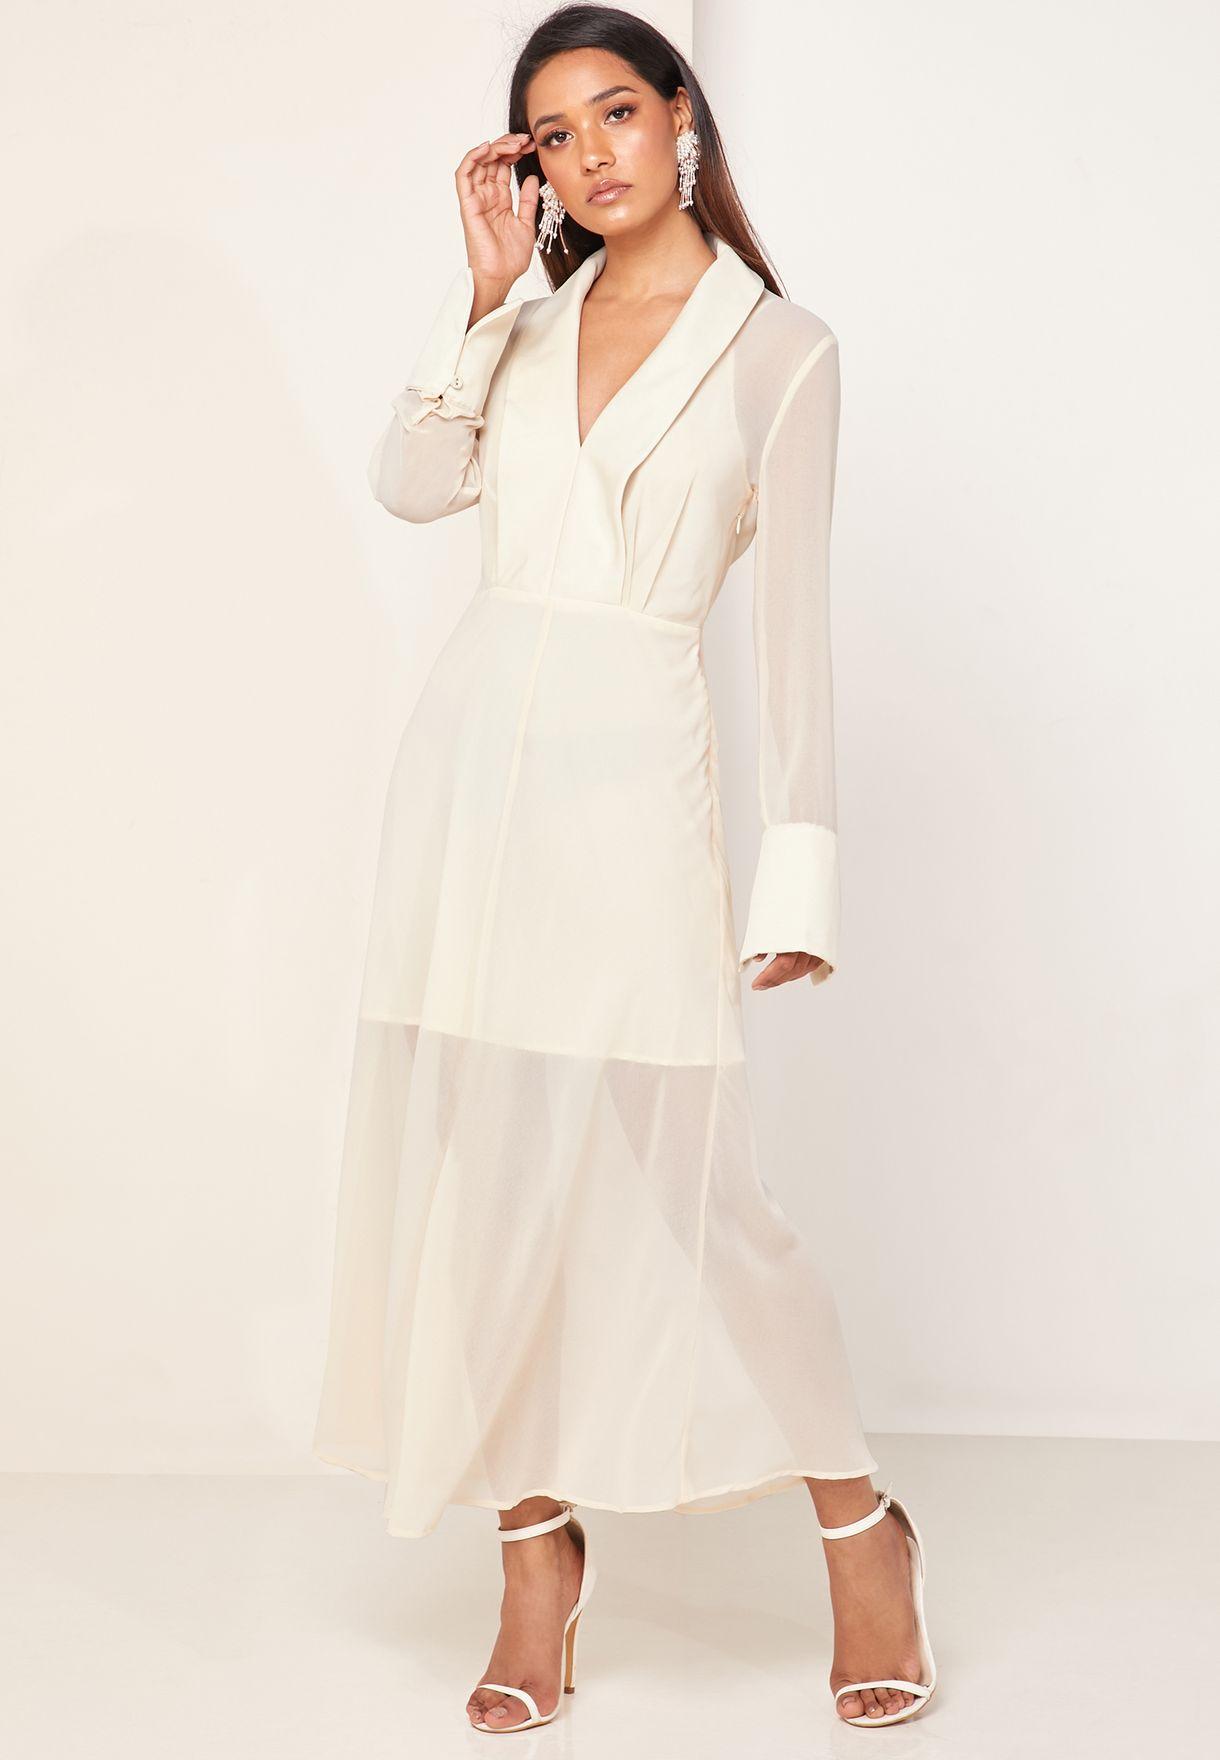 فستان بأجزاء شفافة واكمام طويلة